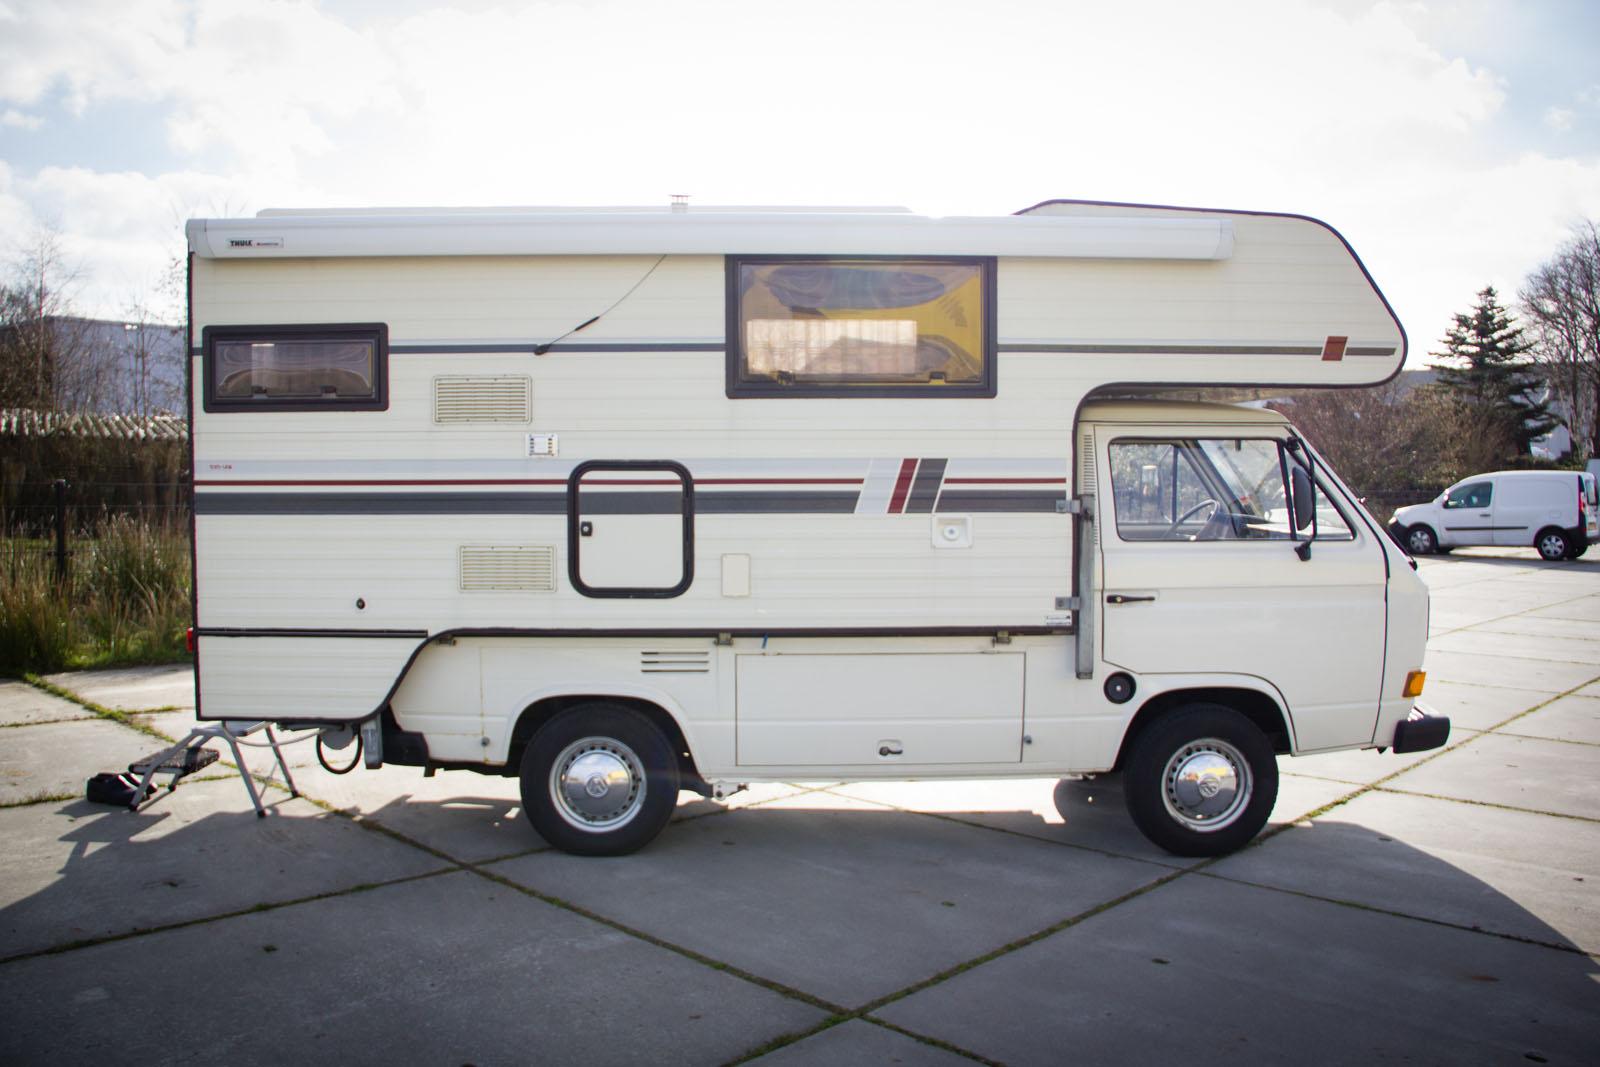 volkswagen-camper-T2-oldtimerland-3.jpg